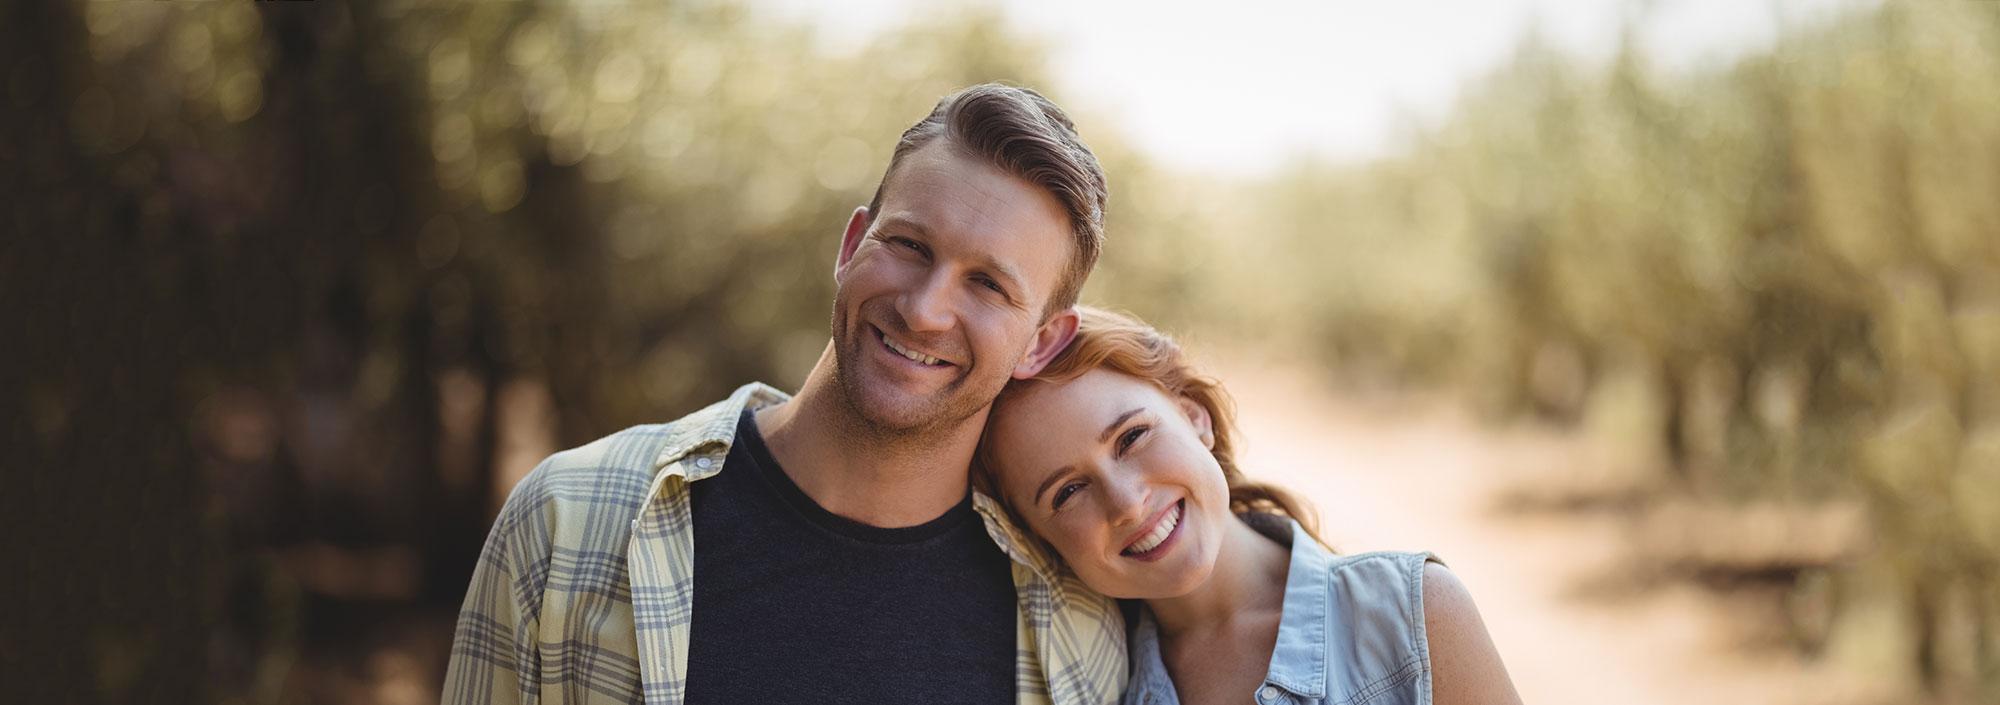 dating sites i appleton wi